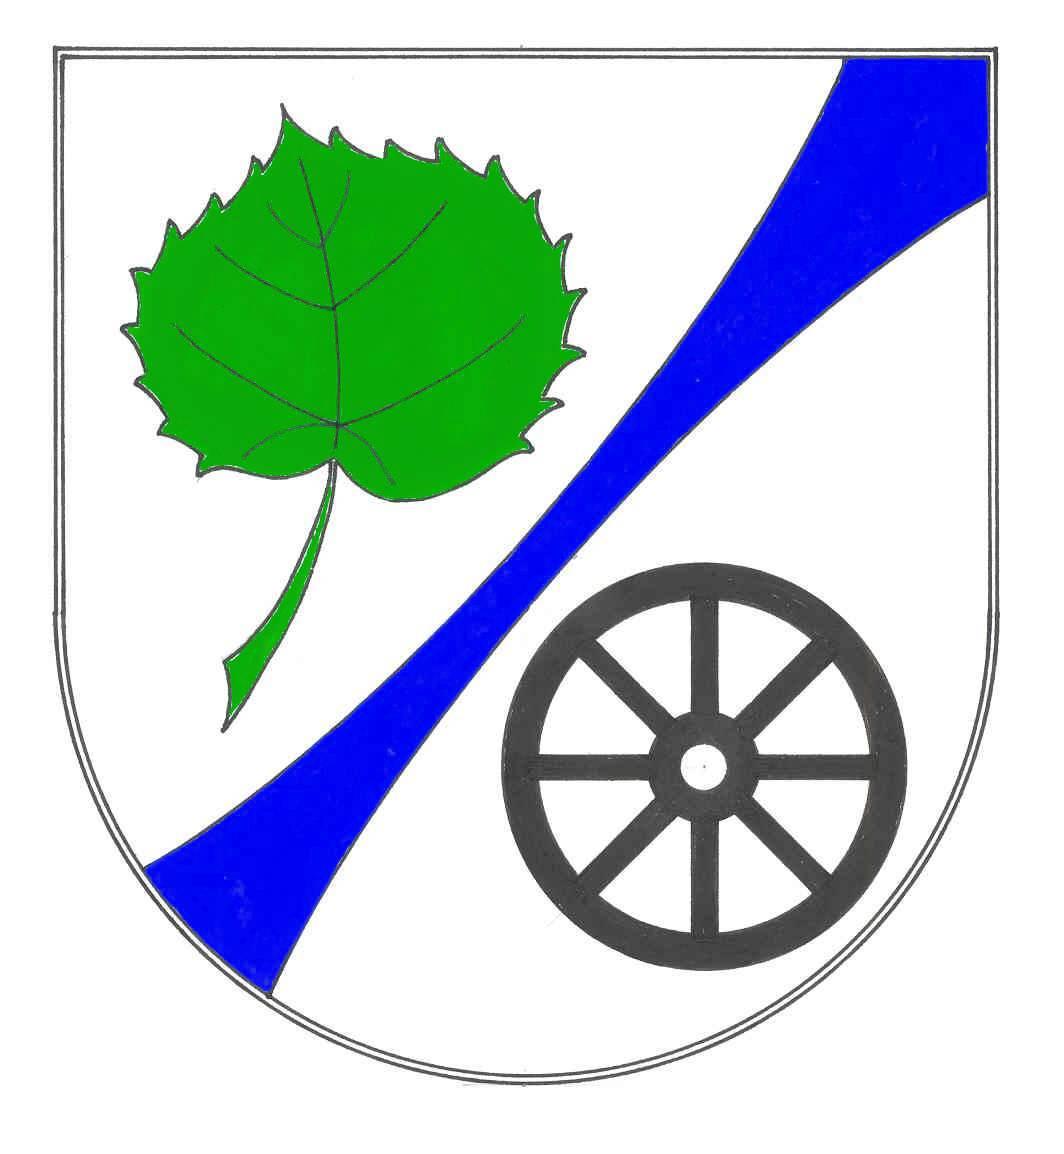 Wappen GemeindeSchackendorf, Kreis Segeberg